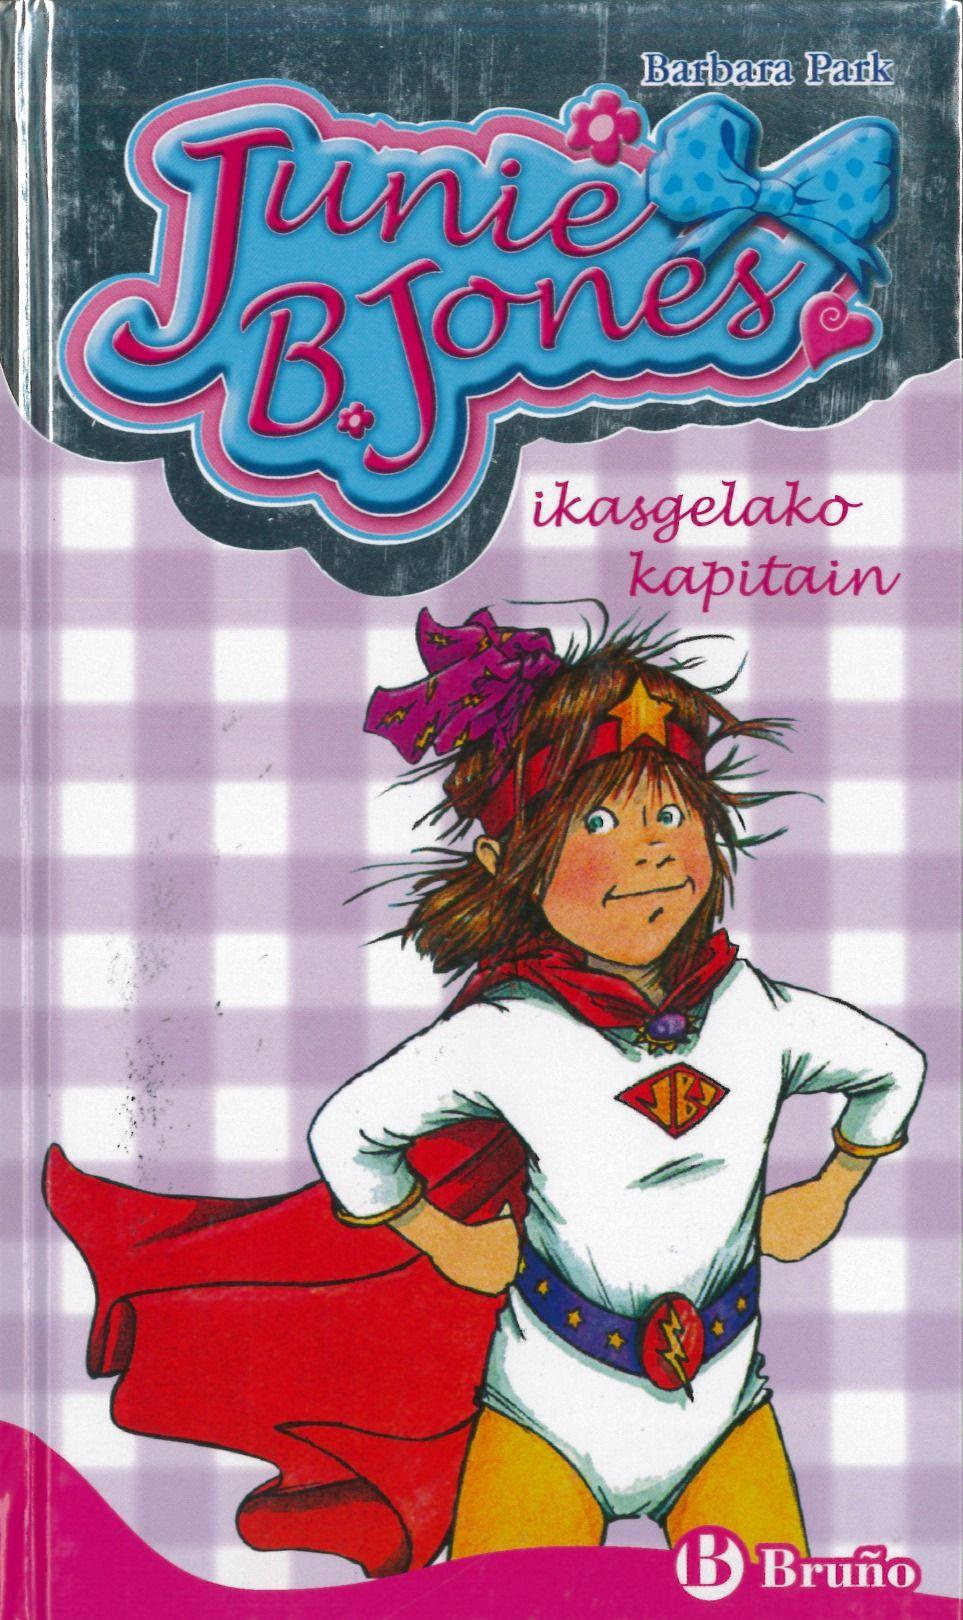 Barbara Park Junie B Jones Ikasgelako Kapitain Bruño Musica Para Niños Libros Para Niños Libros